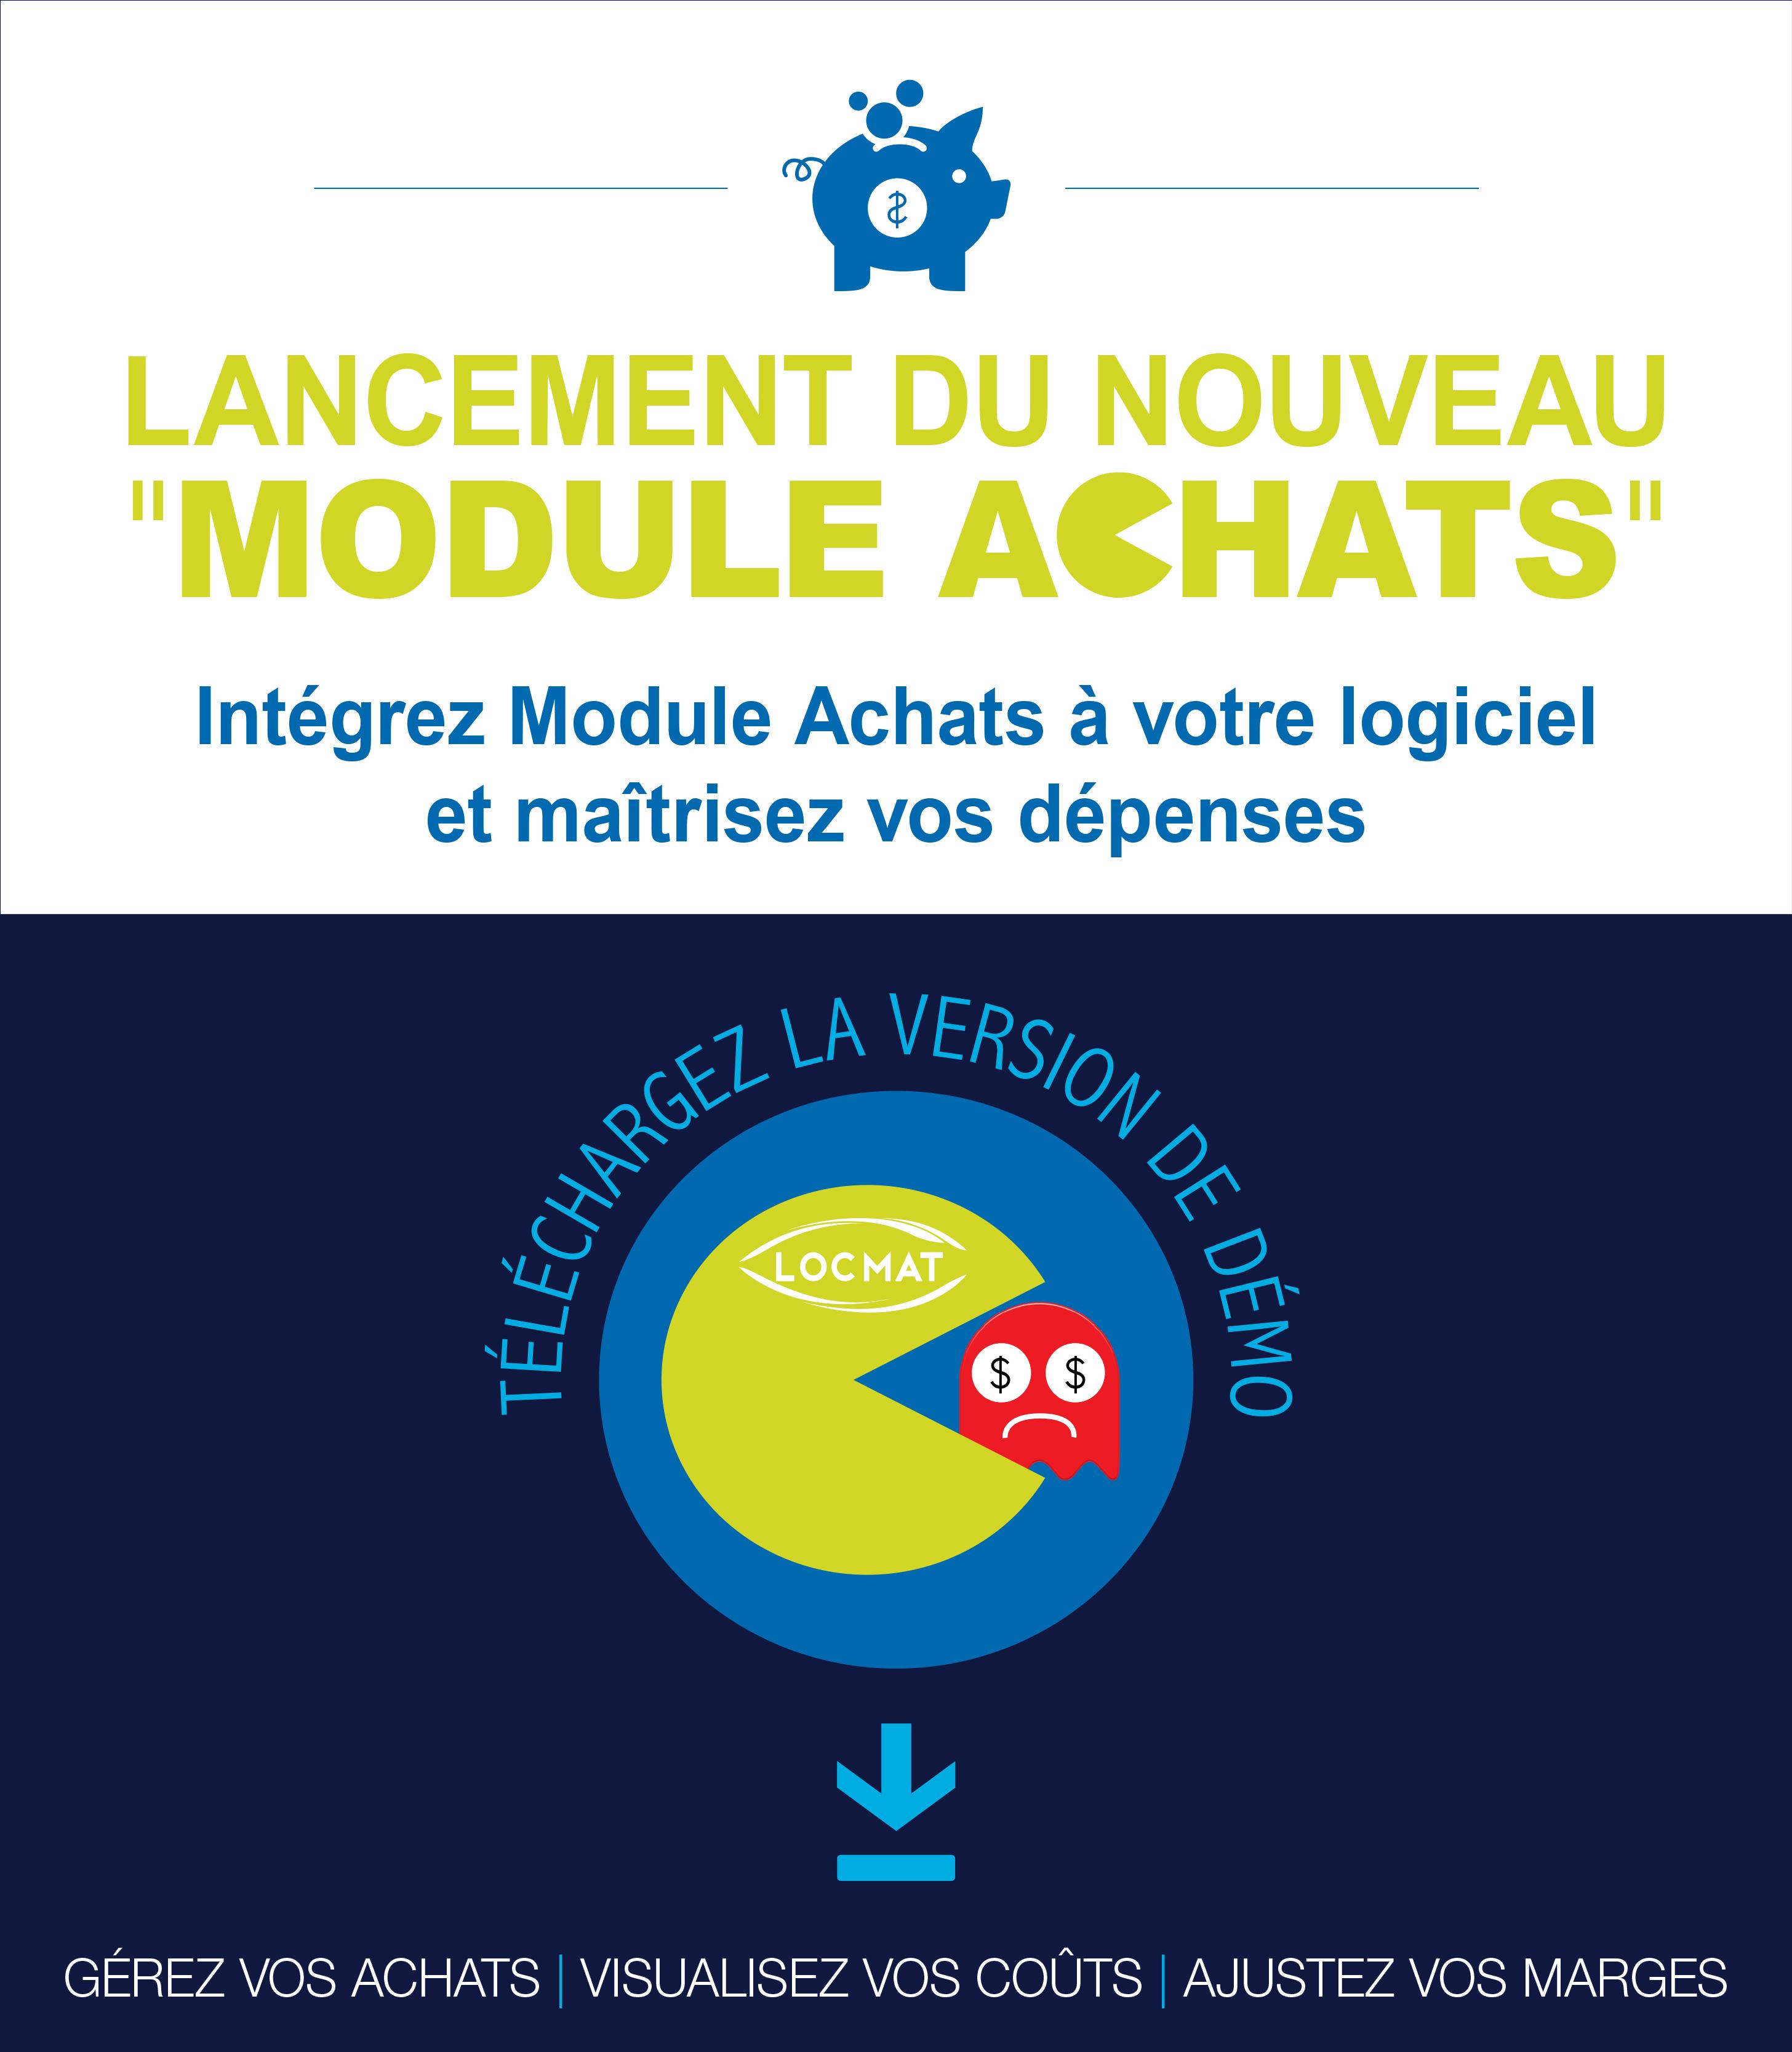 La version de démonstration du Nouveau MODULE ACHATS est disponible